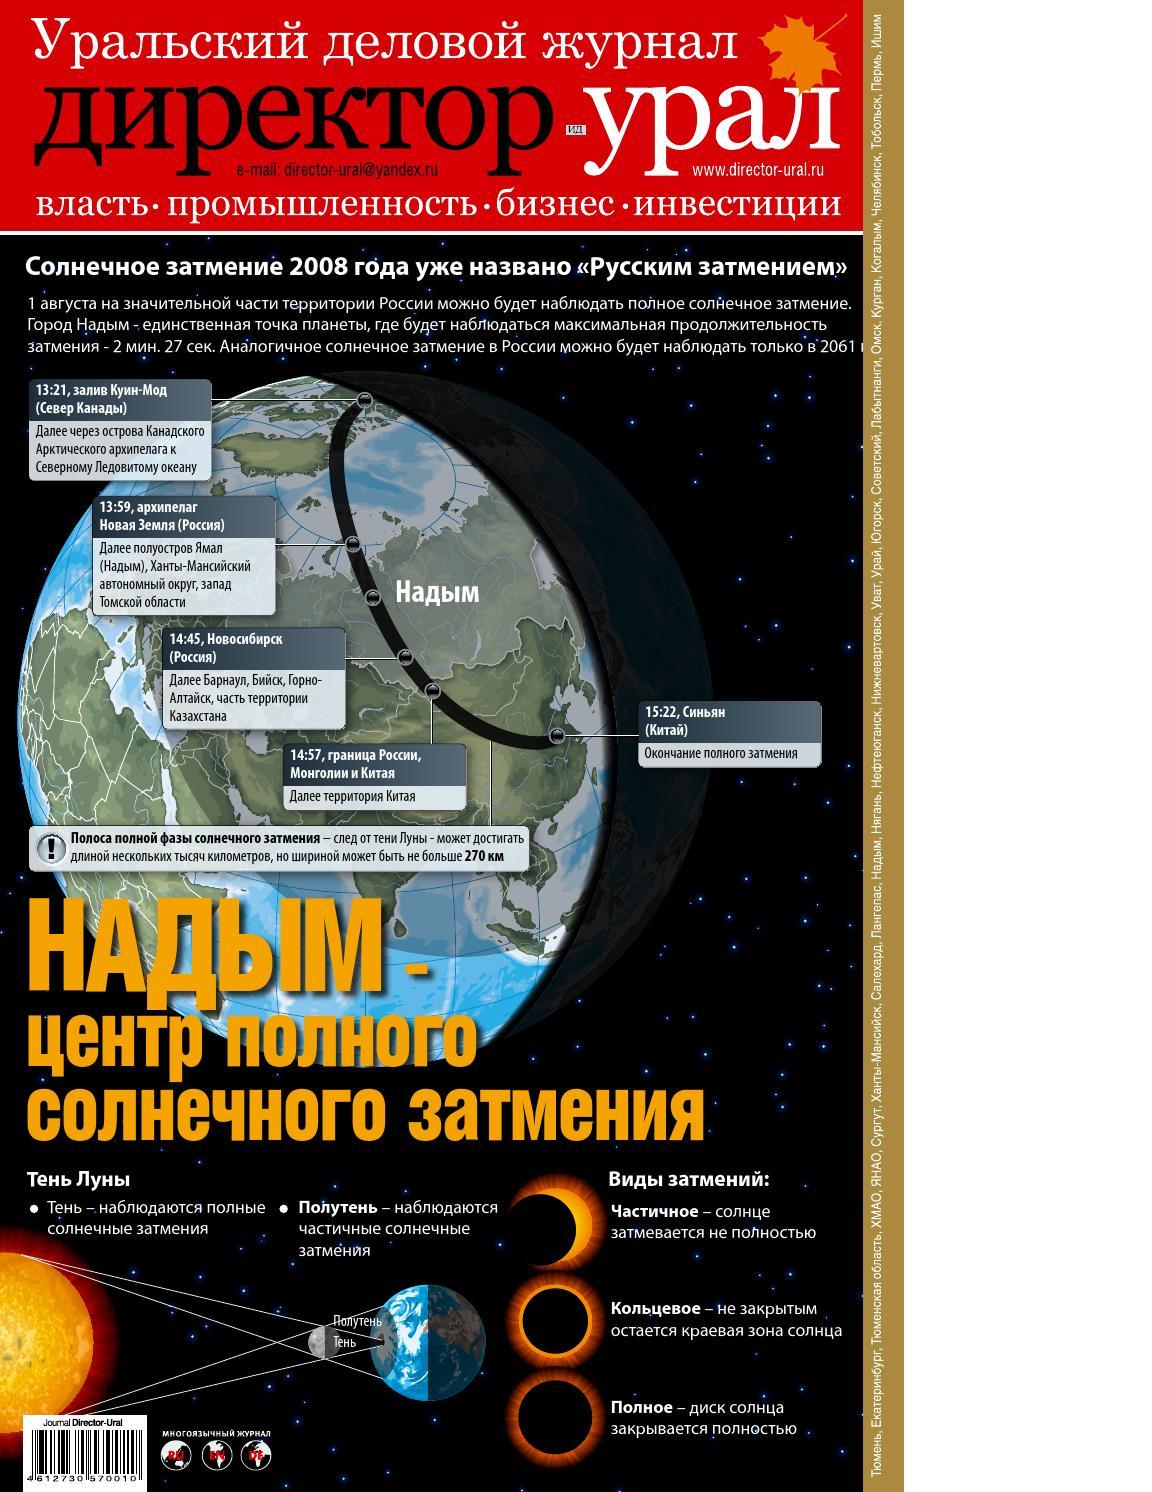 Коридор затмений: как изменится жизнь в июне 2020 года - amurmedia